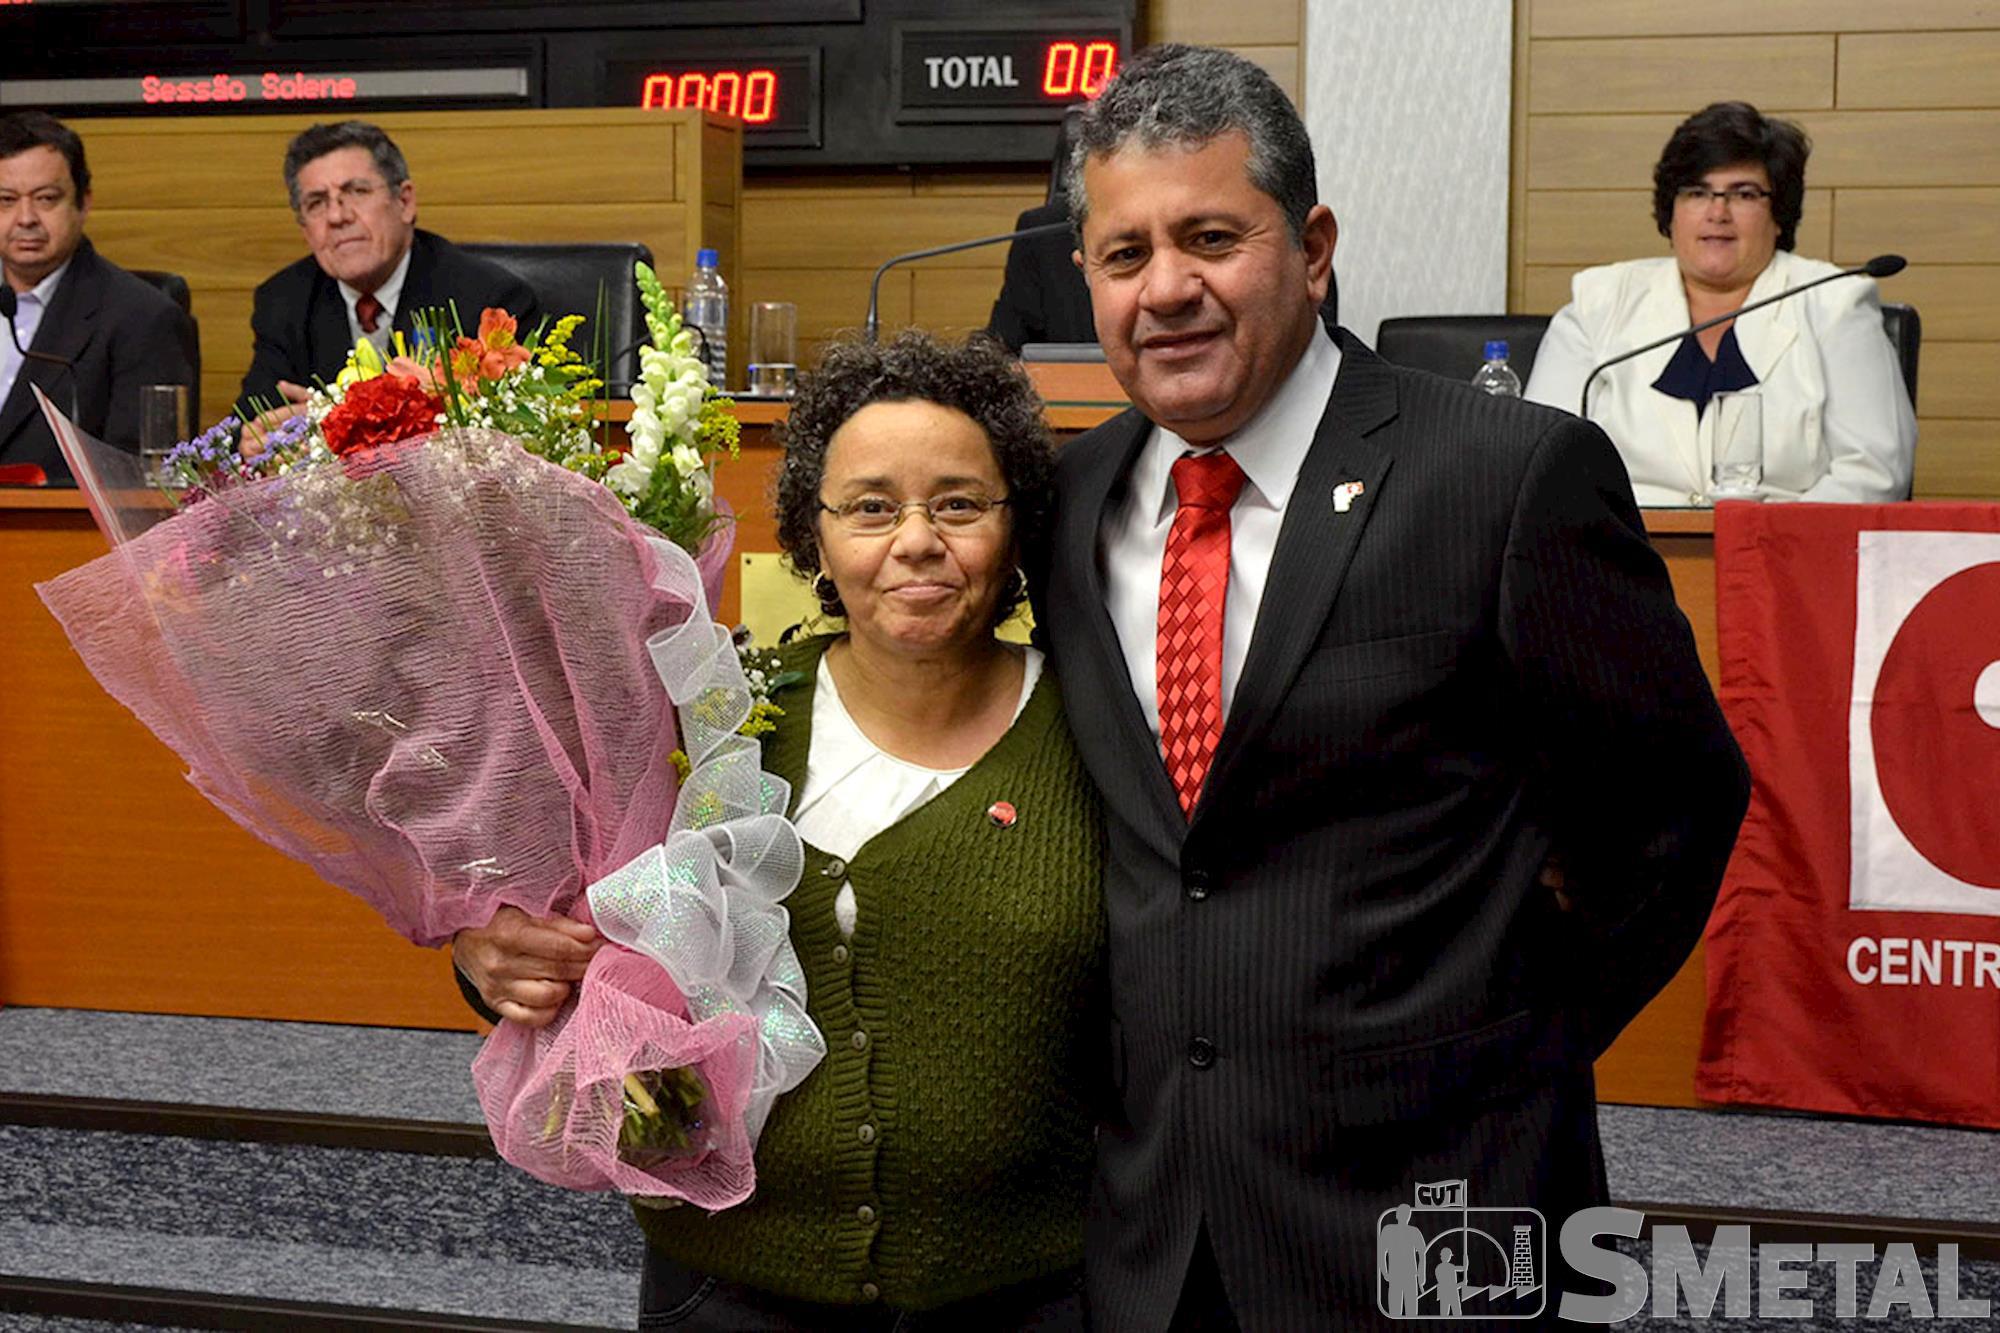 Lúcia Gonçalves,  da subsede da CUT em Sorocaba,  foi homenageada pelo vereador Izídio, Sessão Solene na Câmara de Sorocaba comemora 30 anos de CUT